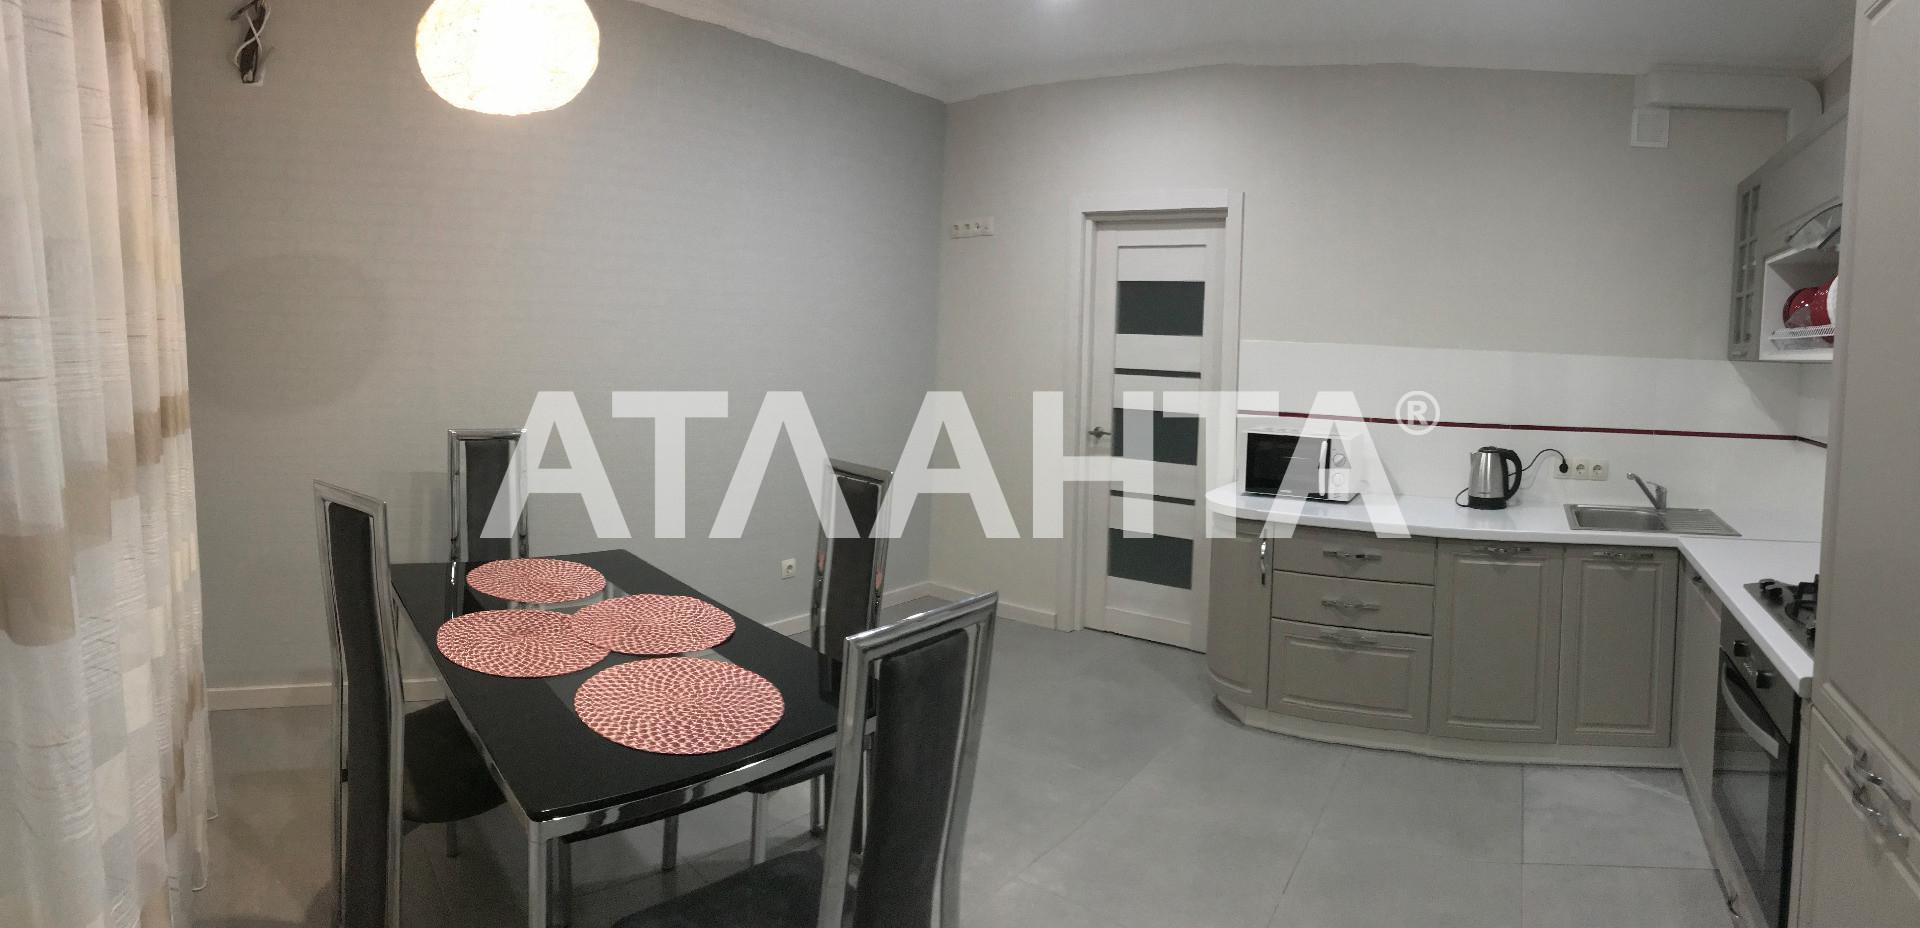 Продается 1-комнатная Квартира на ул. Практична — 65 000 у.е. (фото №4)